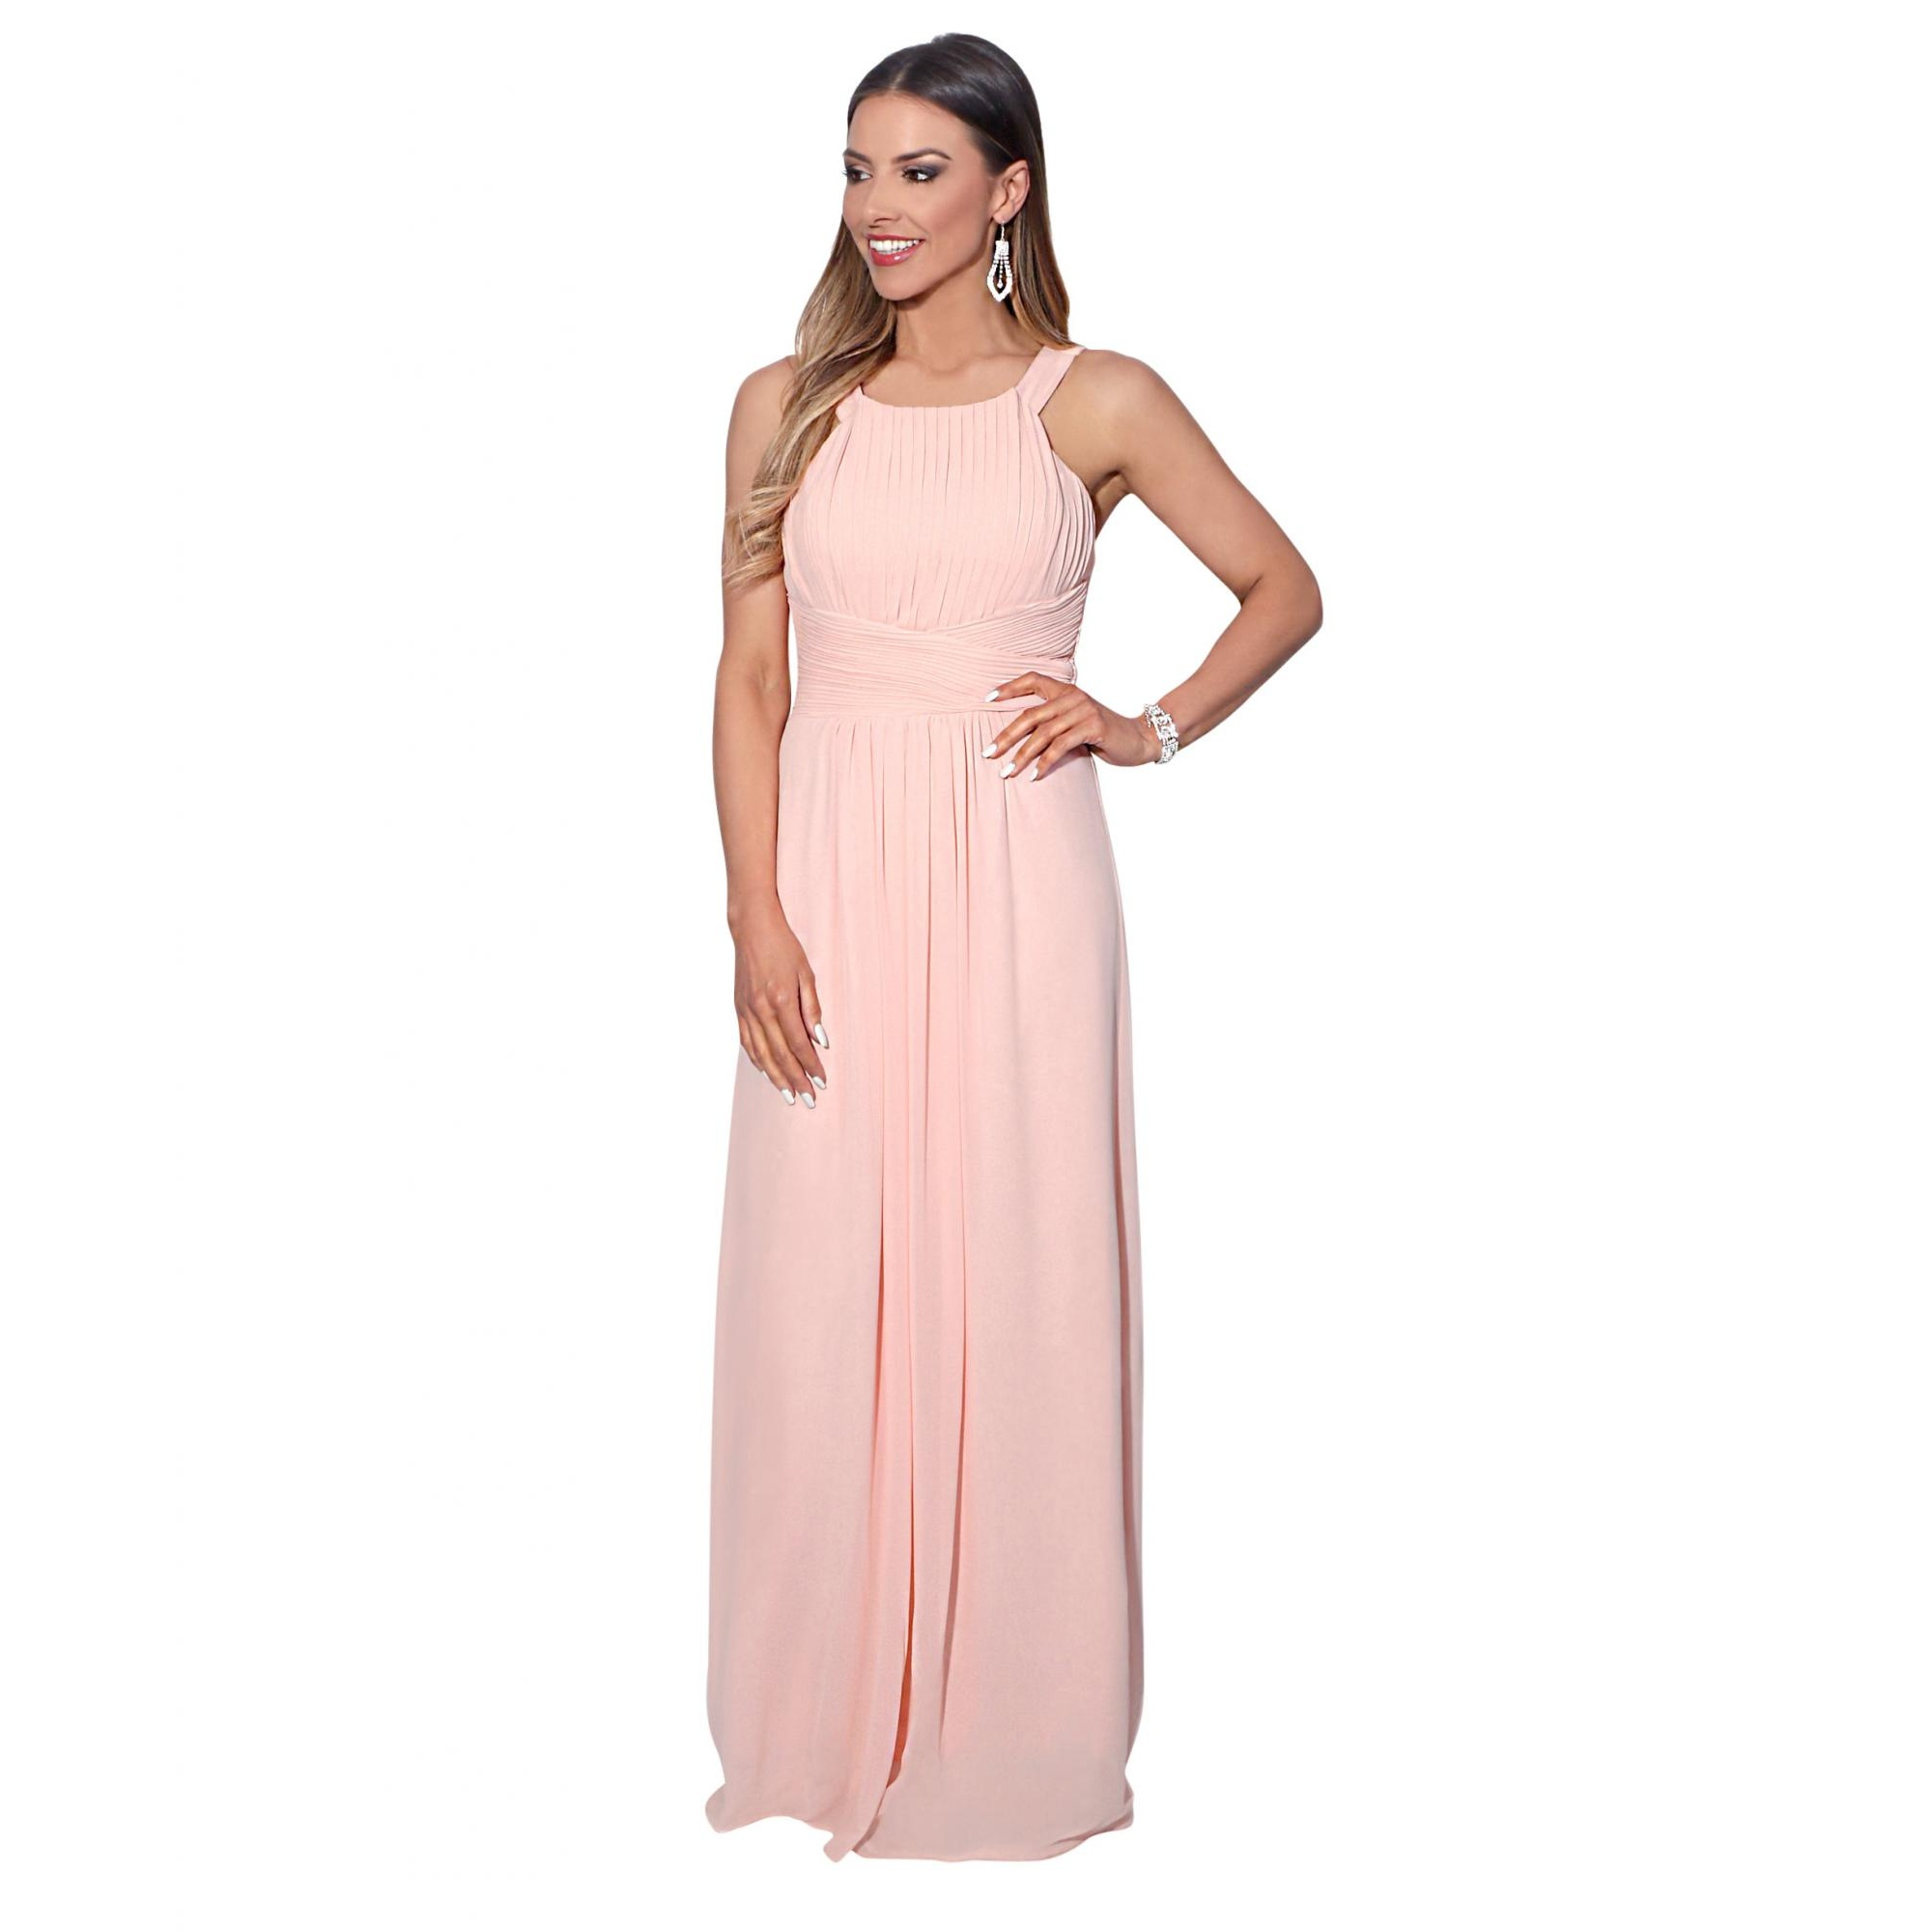 Krisp Womens/Ladies Pleated Front Chiffon Maxi Dress (20 UK) (Pink)